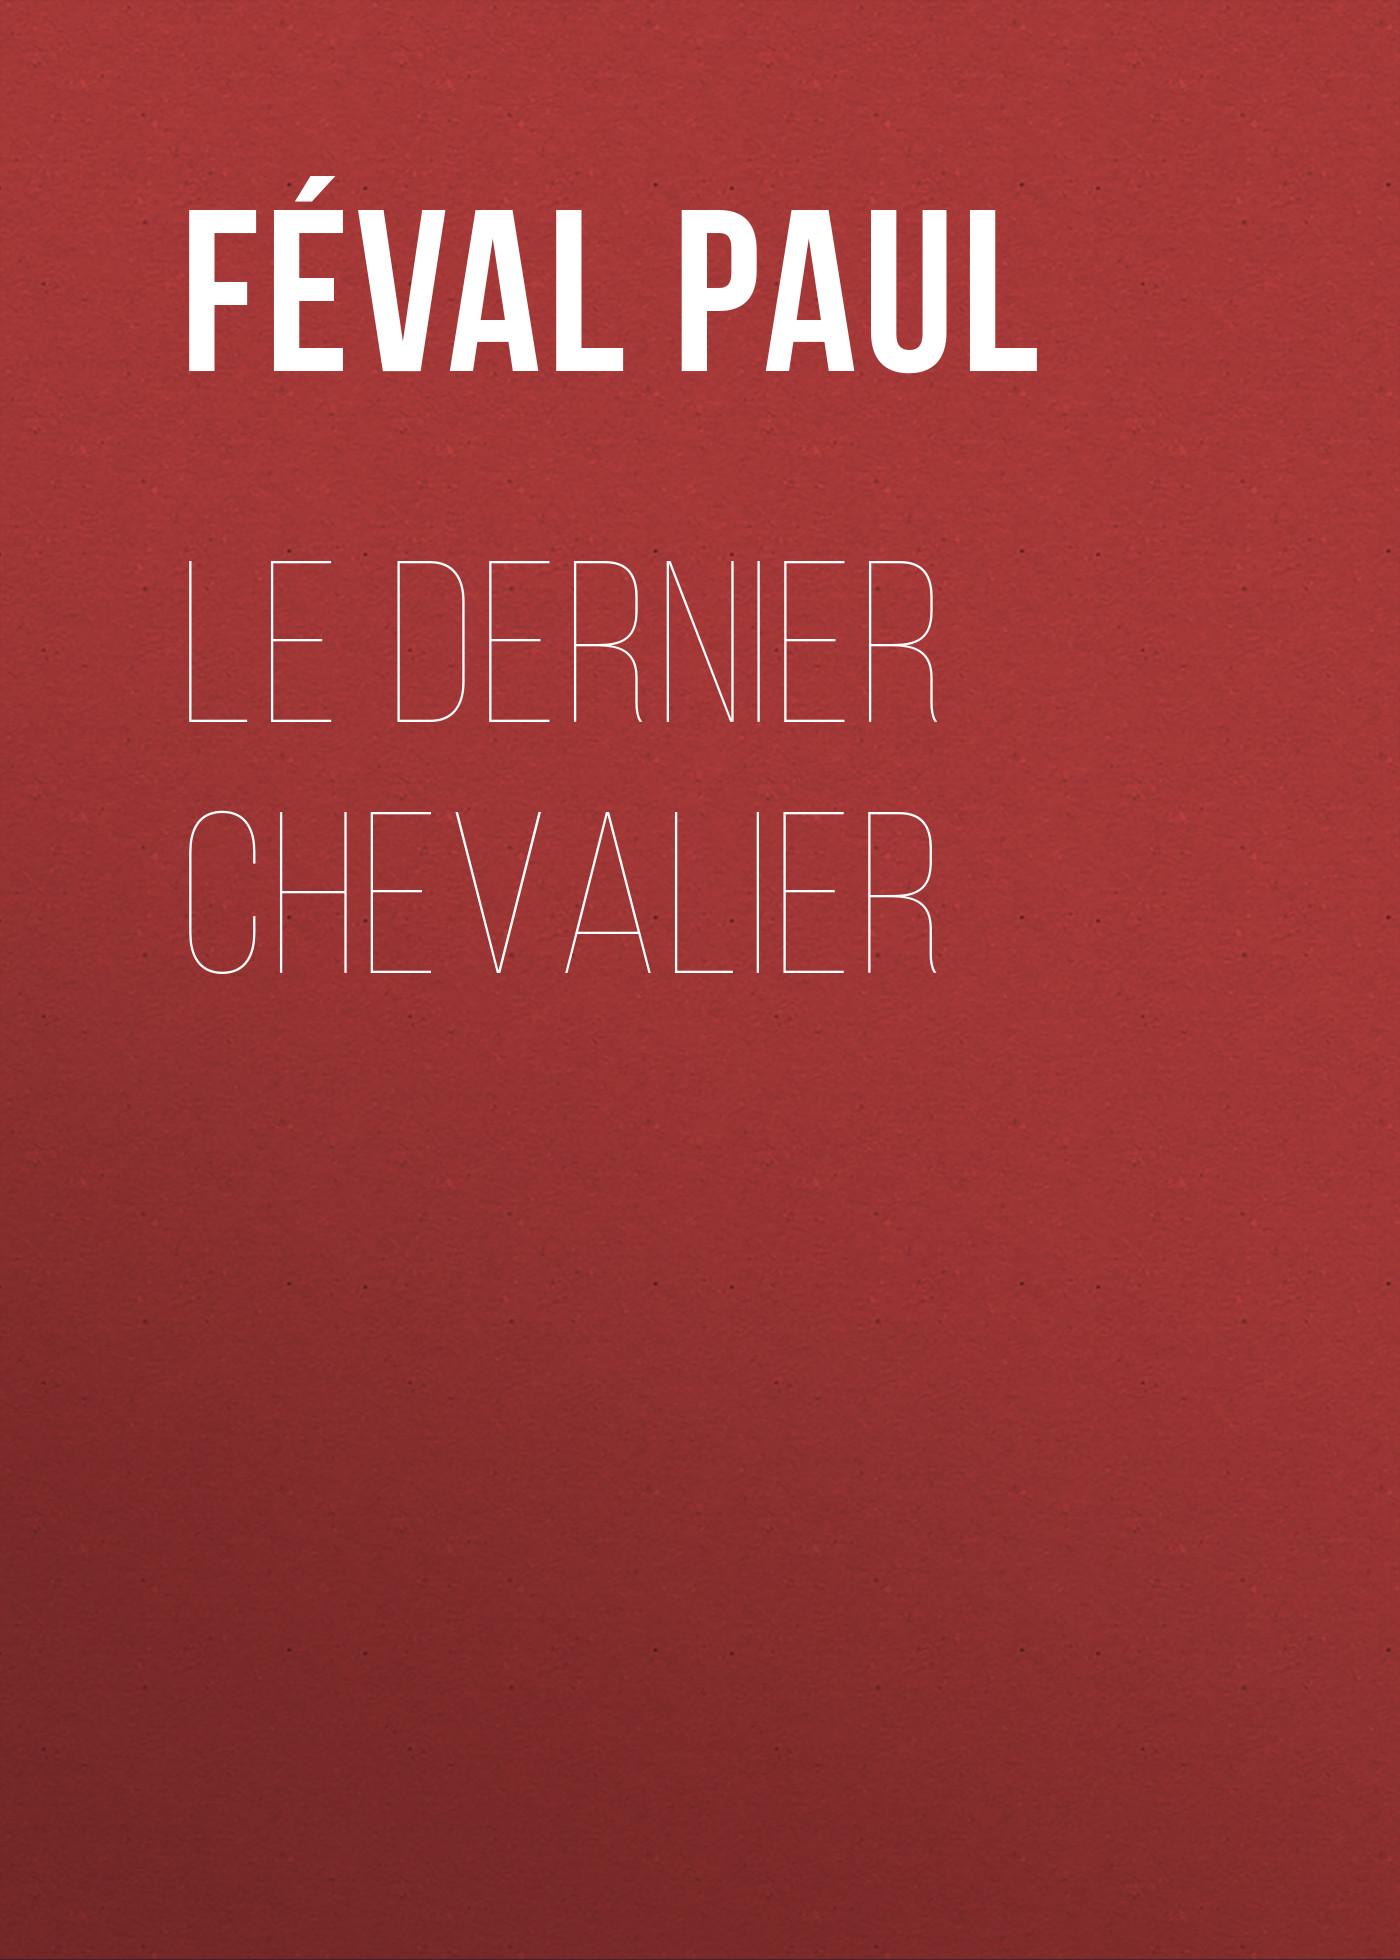 Féval Paul Le dernier chevalier